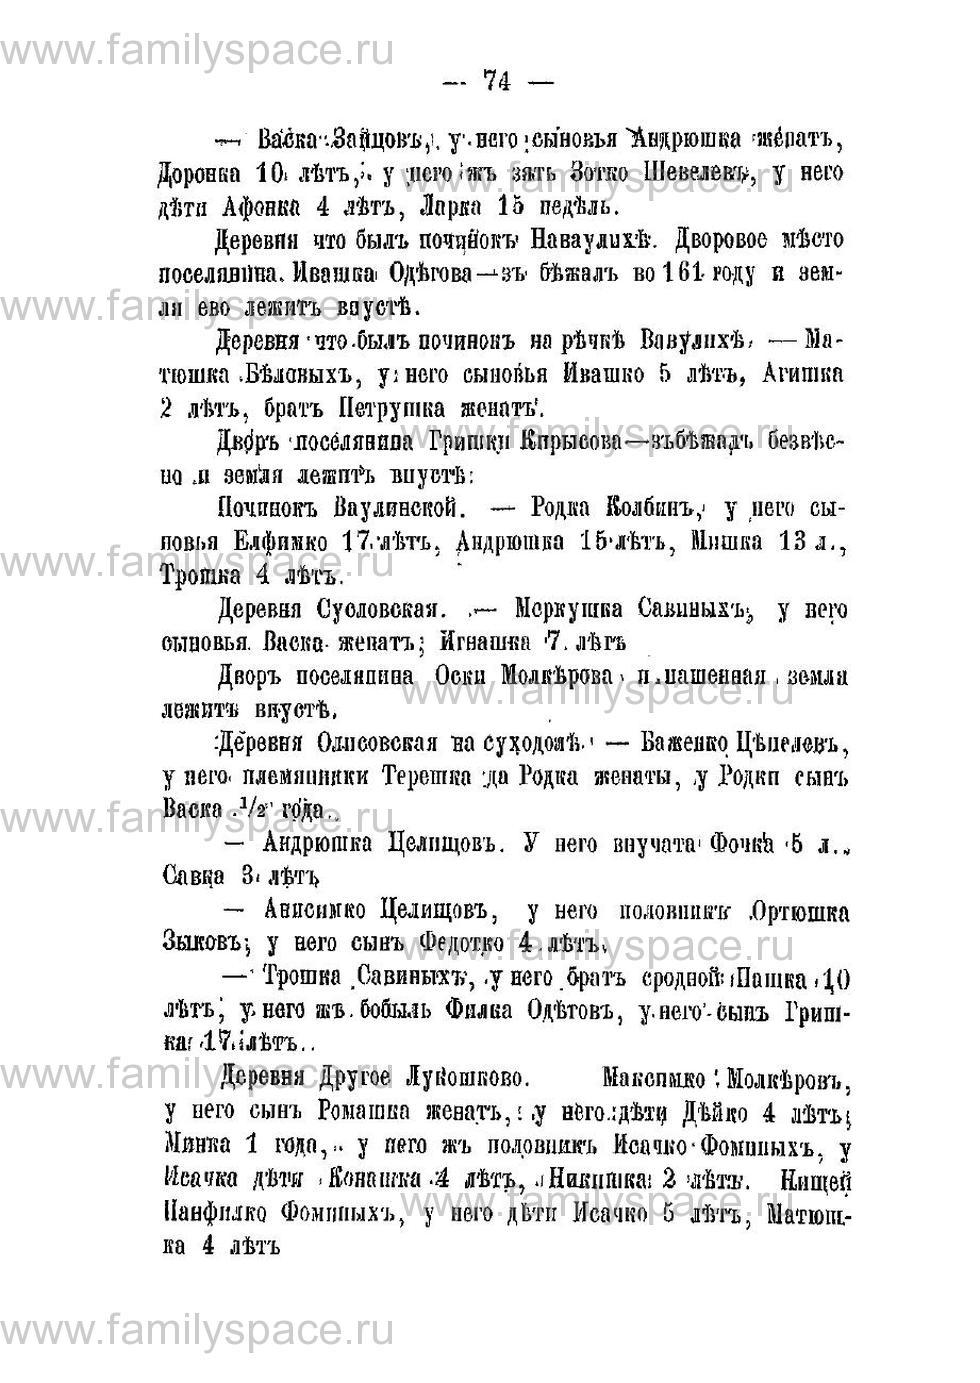 Поиск по фамилии - Переписная книга Орлова и волостей 1678 г, страница 70